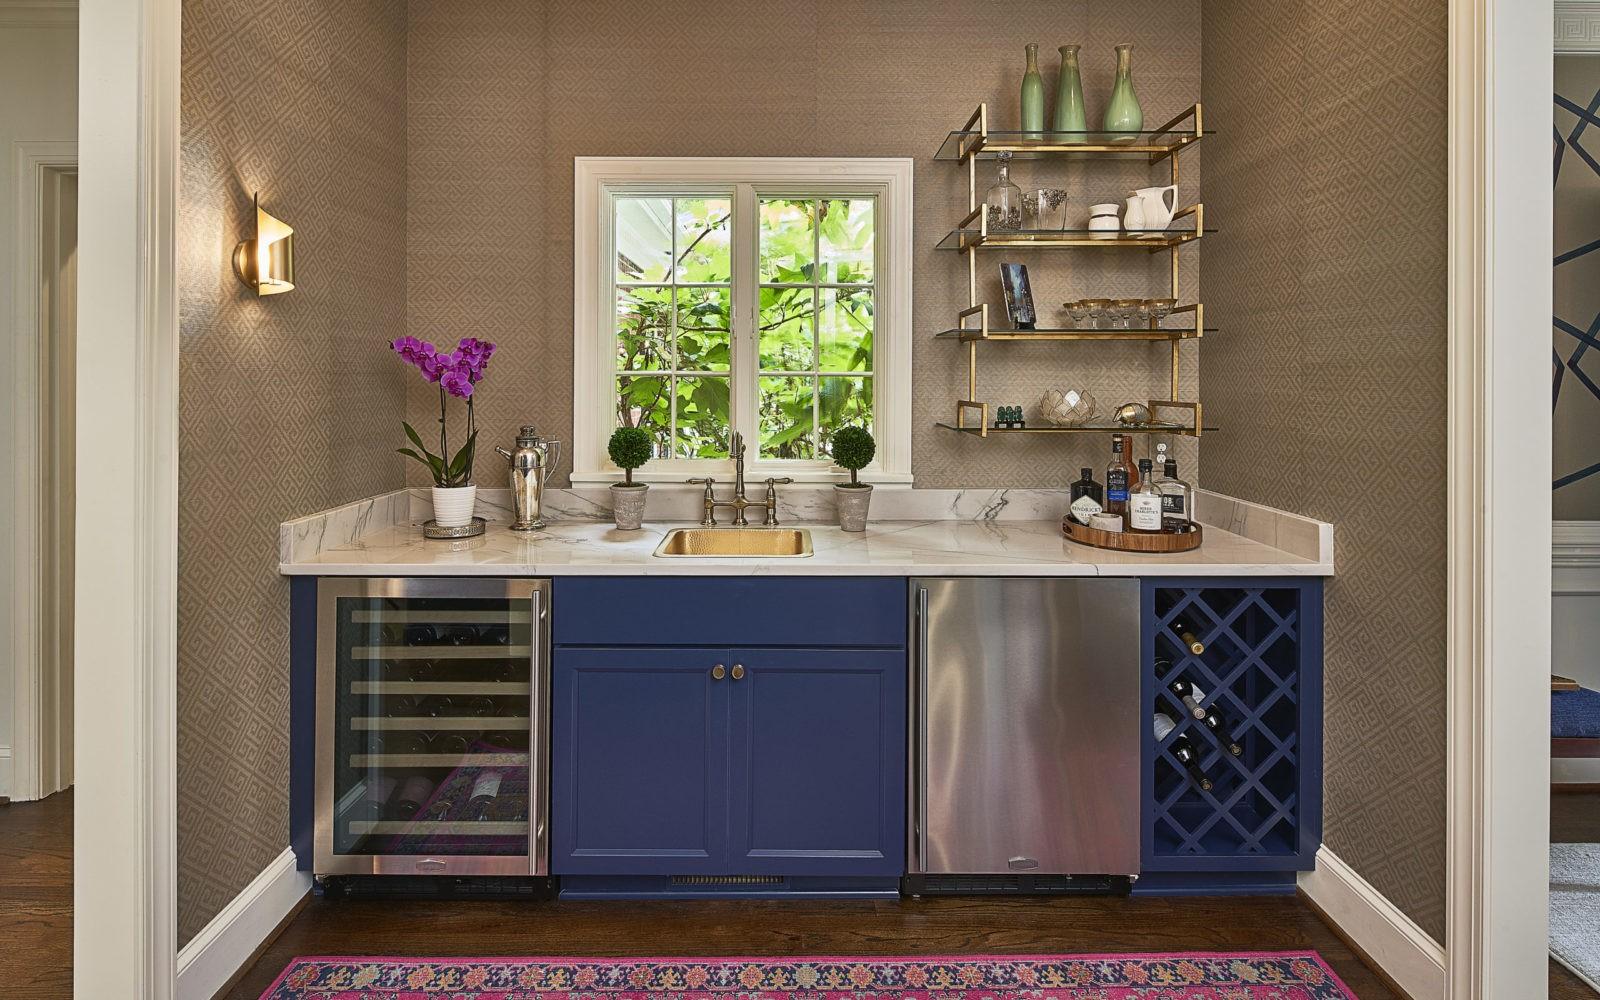 wet-bar-design-charlotte-kitchen-remodel